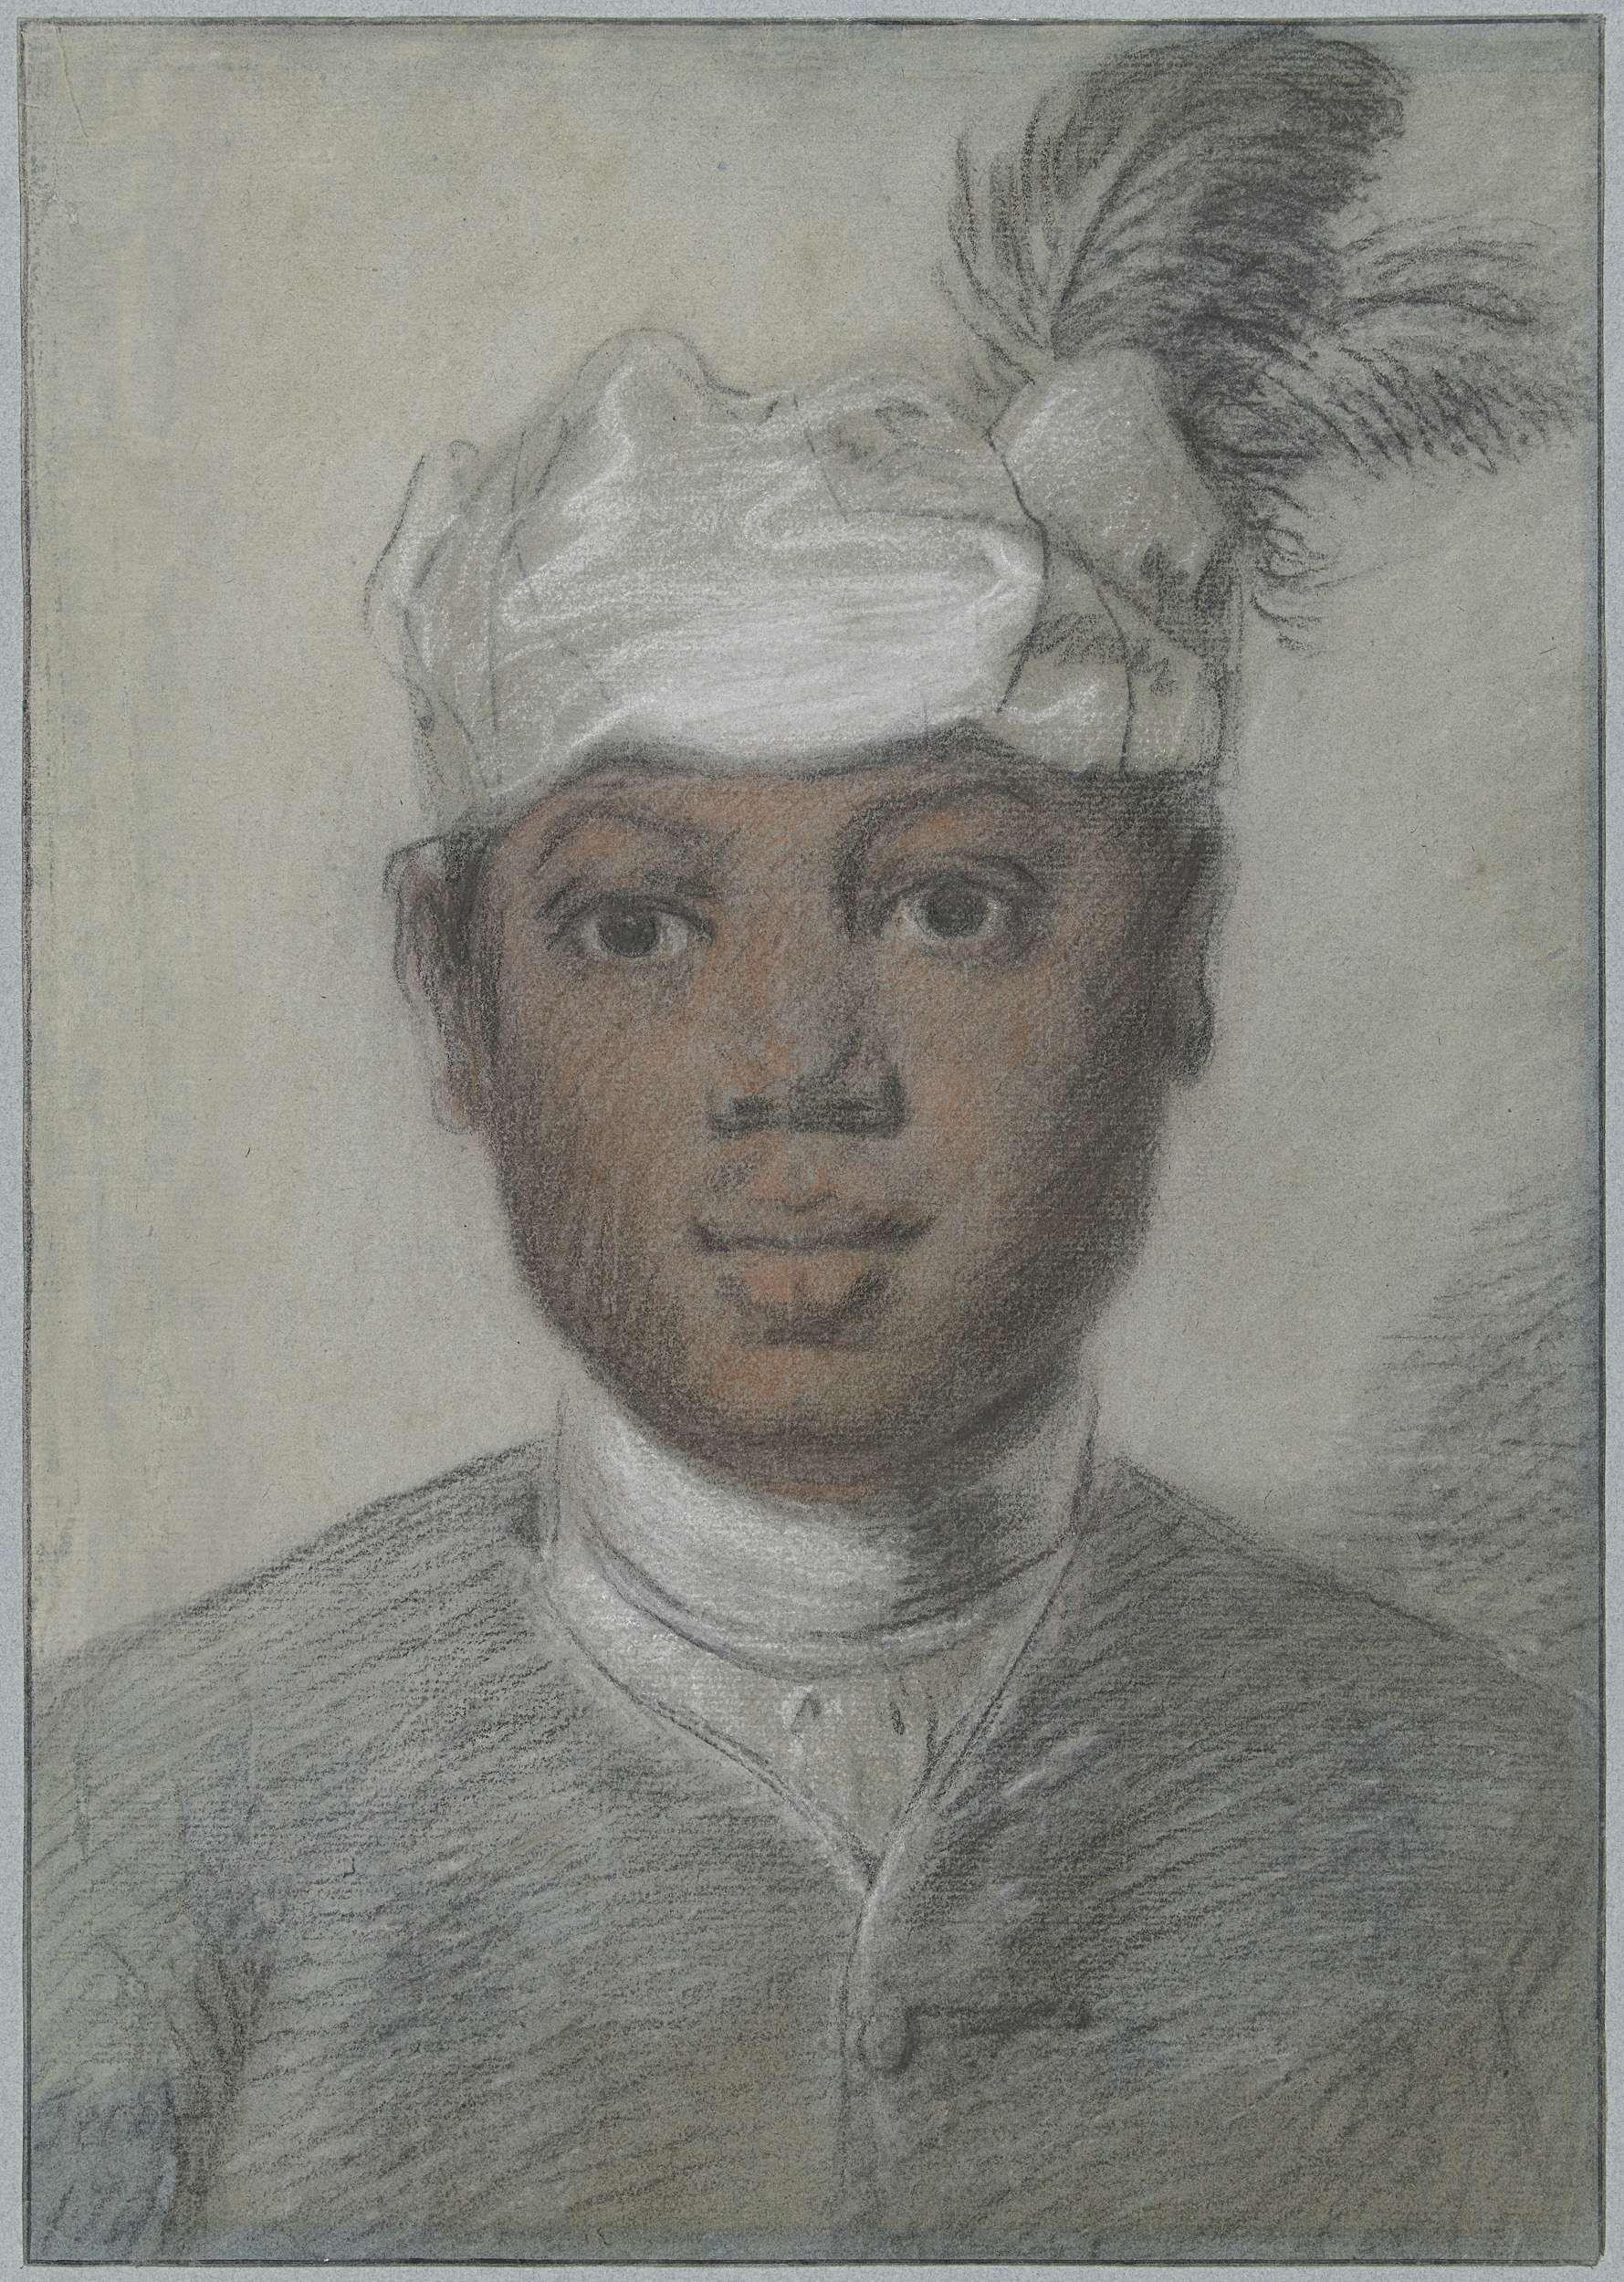 Cornelis Troost | Hoofd van een zwarte jongeman met tulband met veren, Cornelis Troost, 1747 |